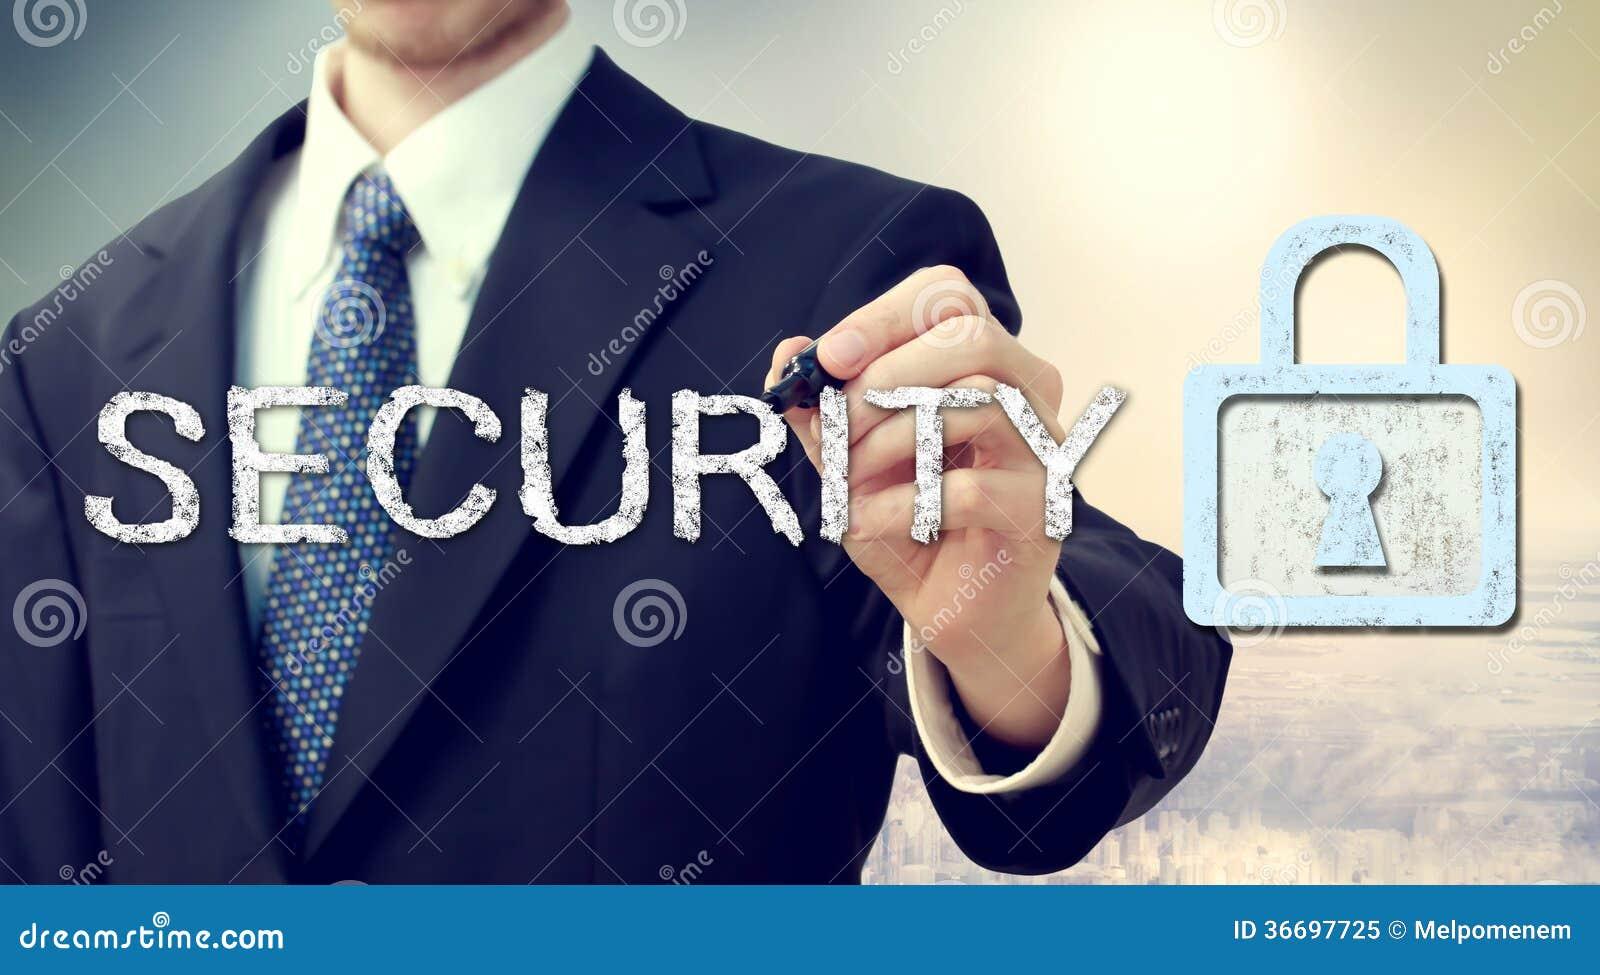 Ochrona klucza kędziorek z biznesmenem